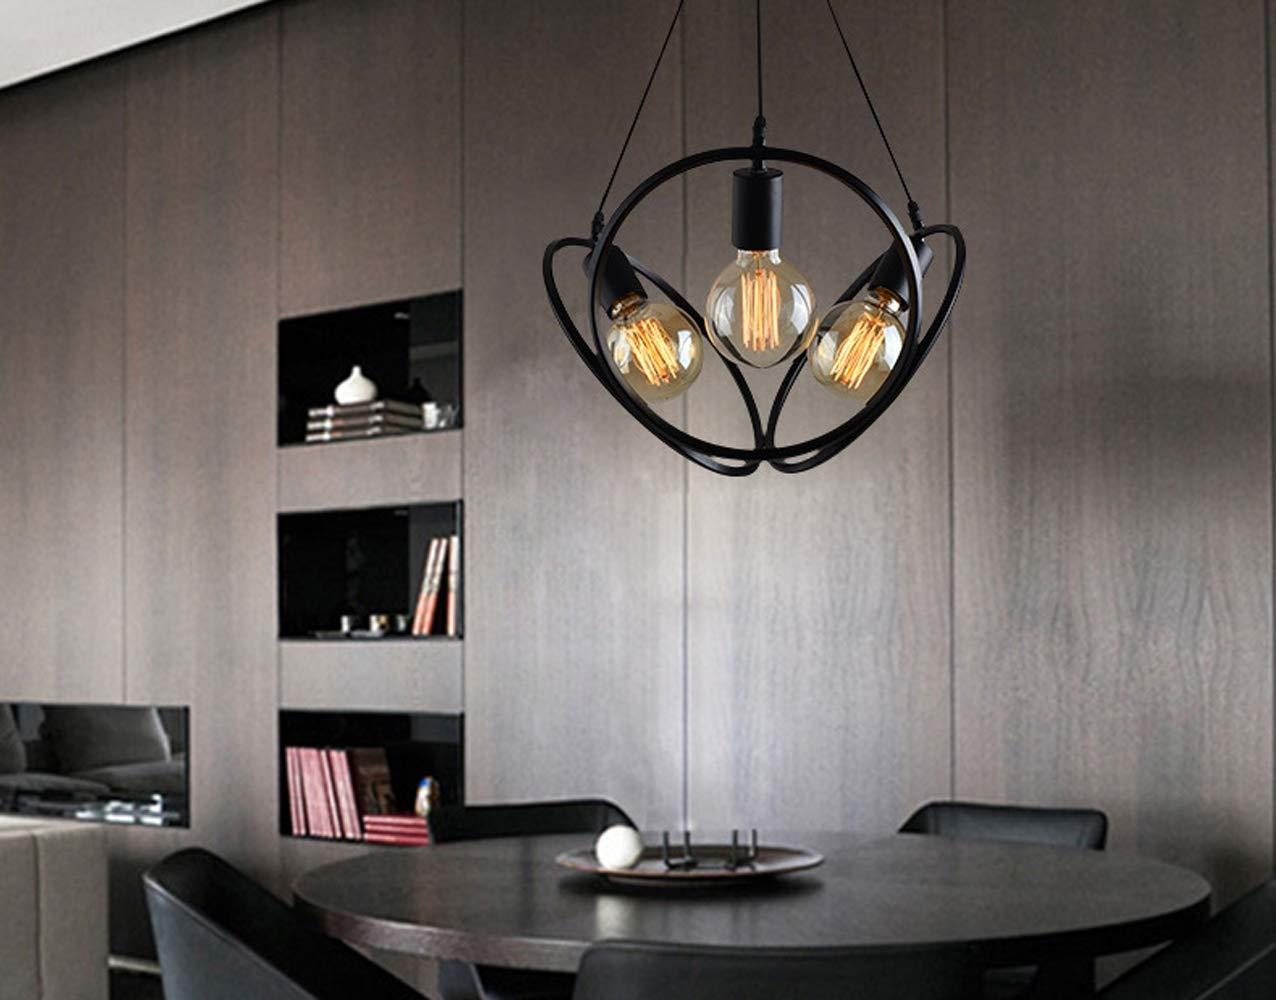 Plafoniere Da Forno : Amkoy lampadario creativo retro plafoniere e lampade